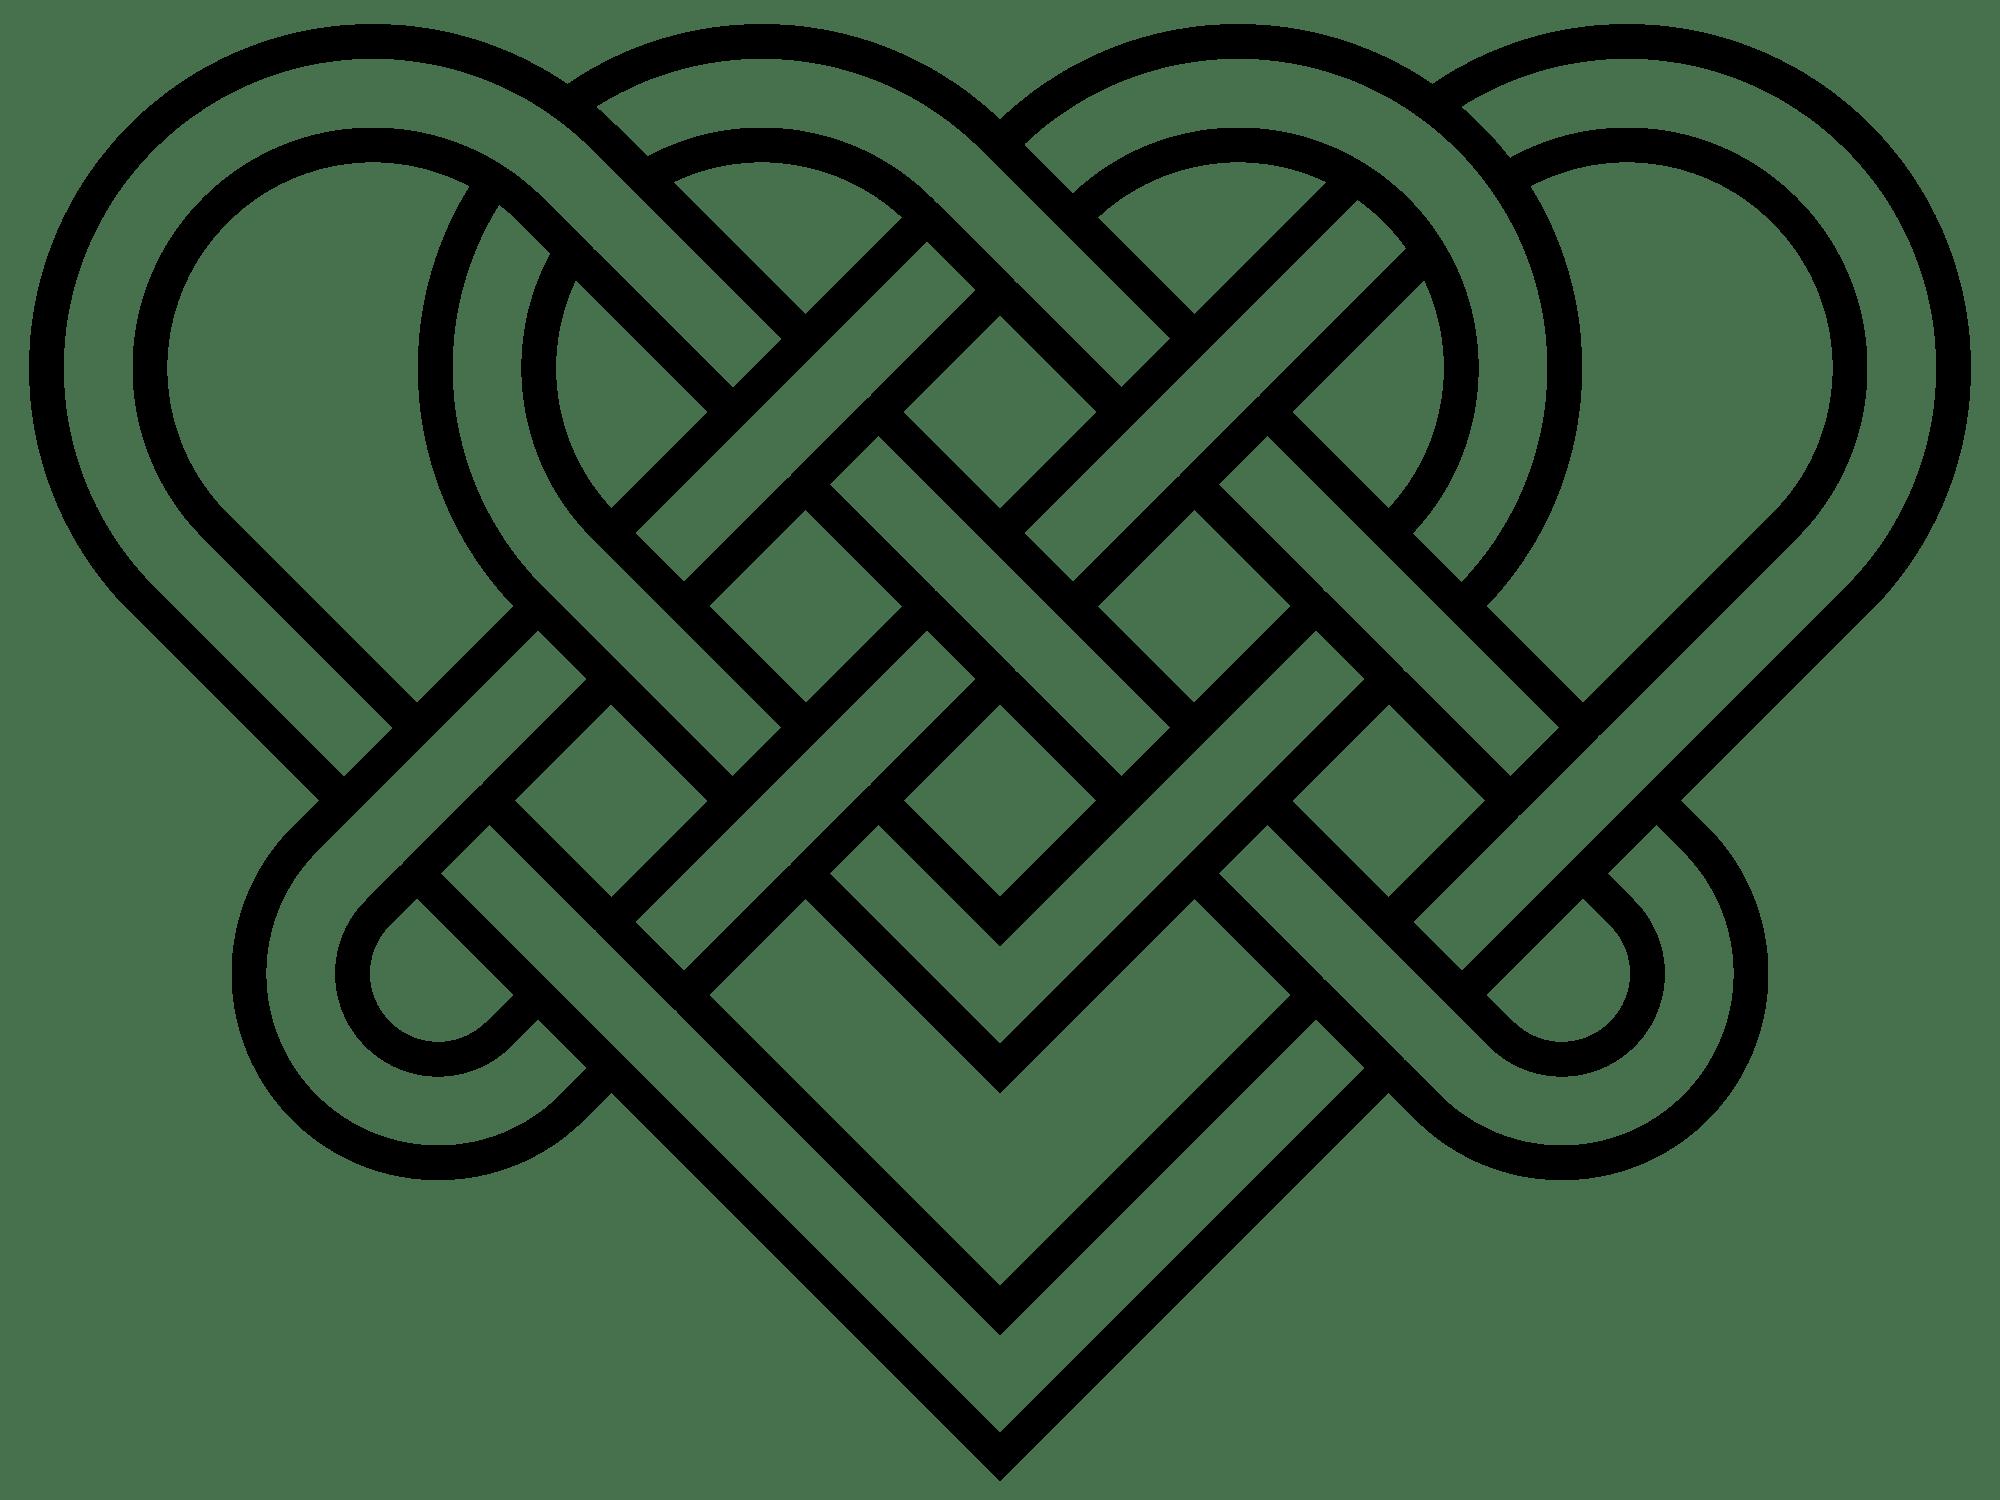 Celtic Knot Png Transparent Celtic Knotg Images Pluspng